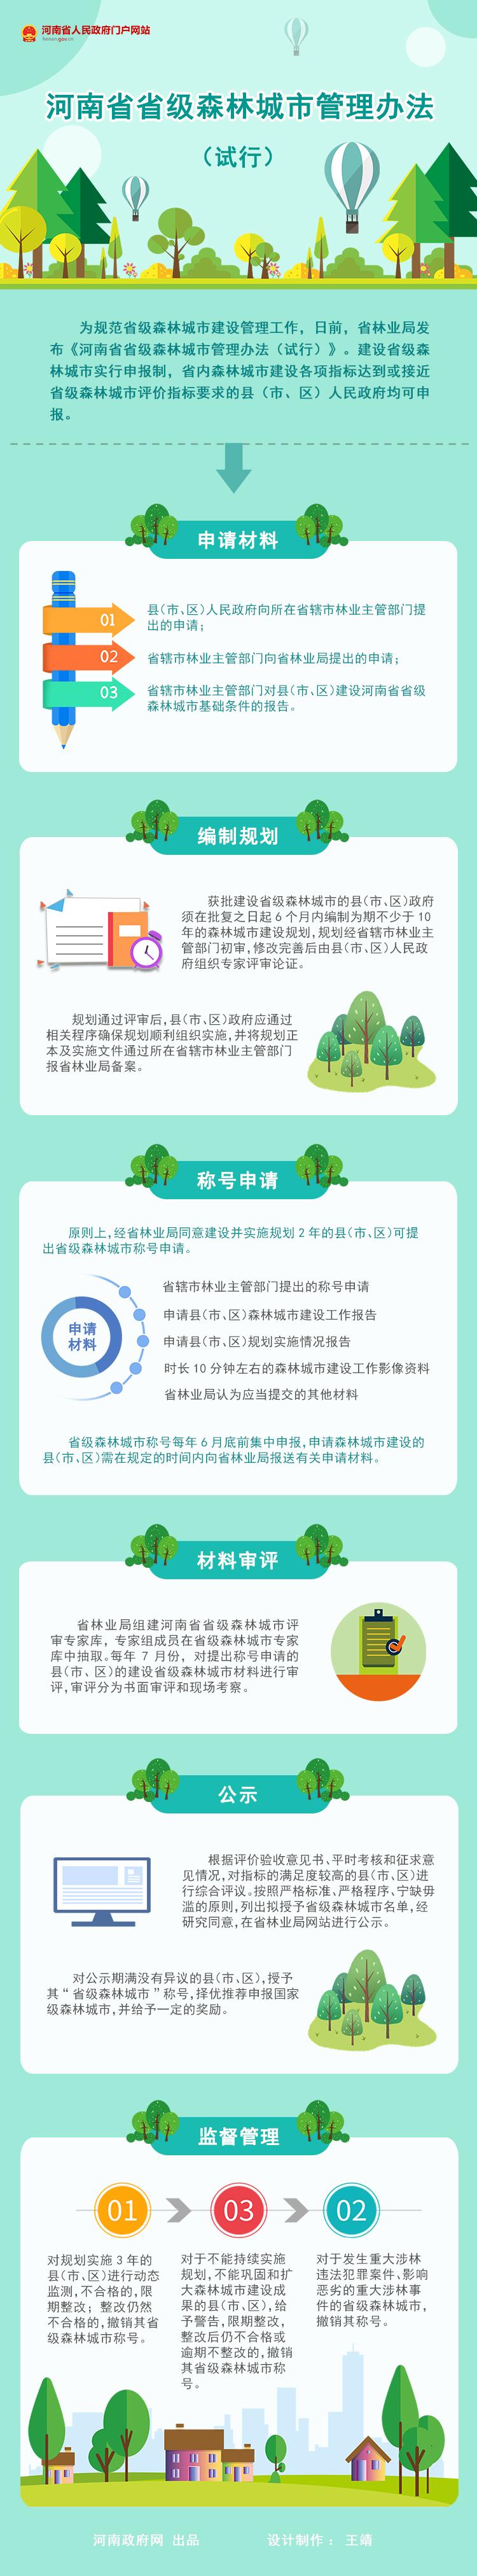 圖解:河南出臺省級森林城市管理辦法(試行)